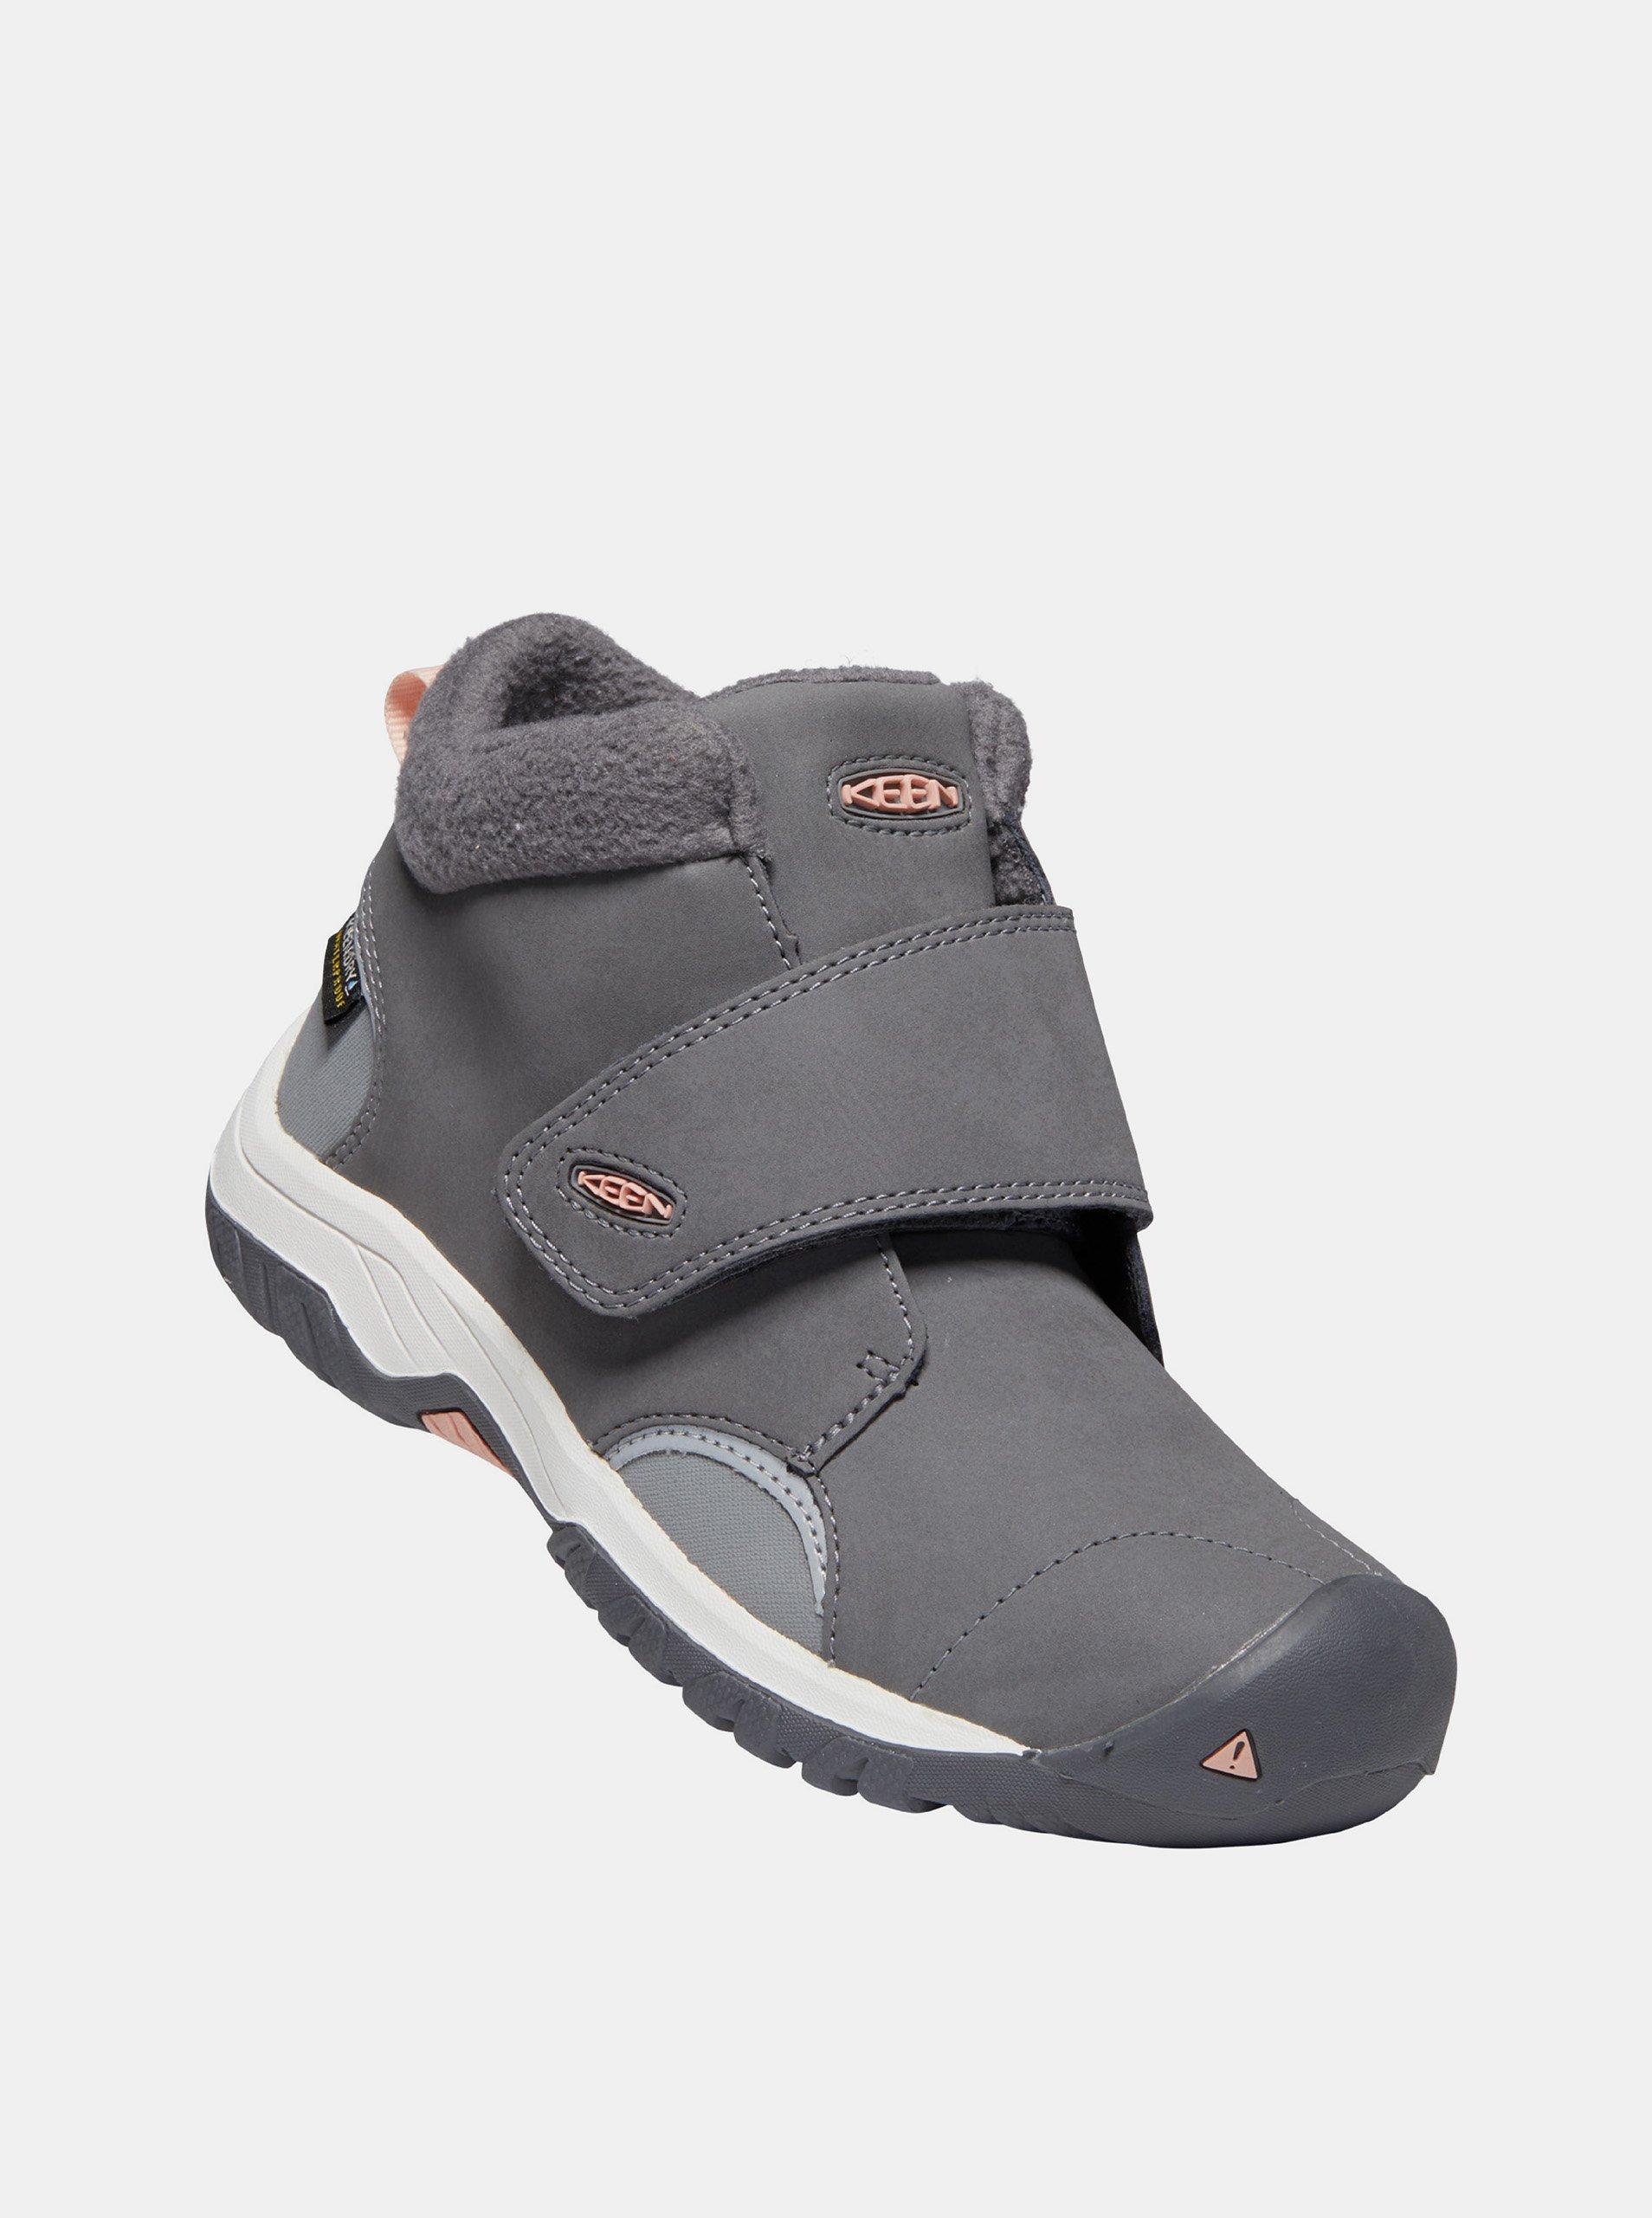 Šedé detské kožené zimné topánky Keen.